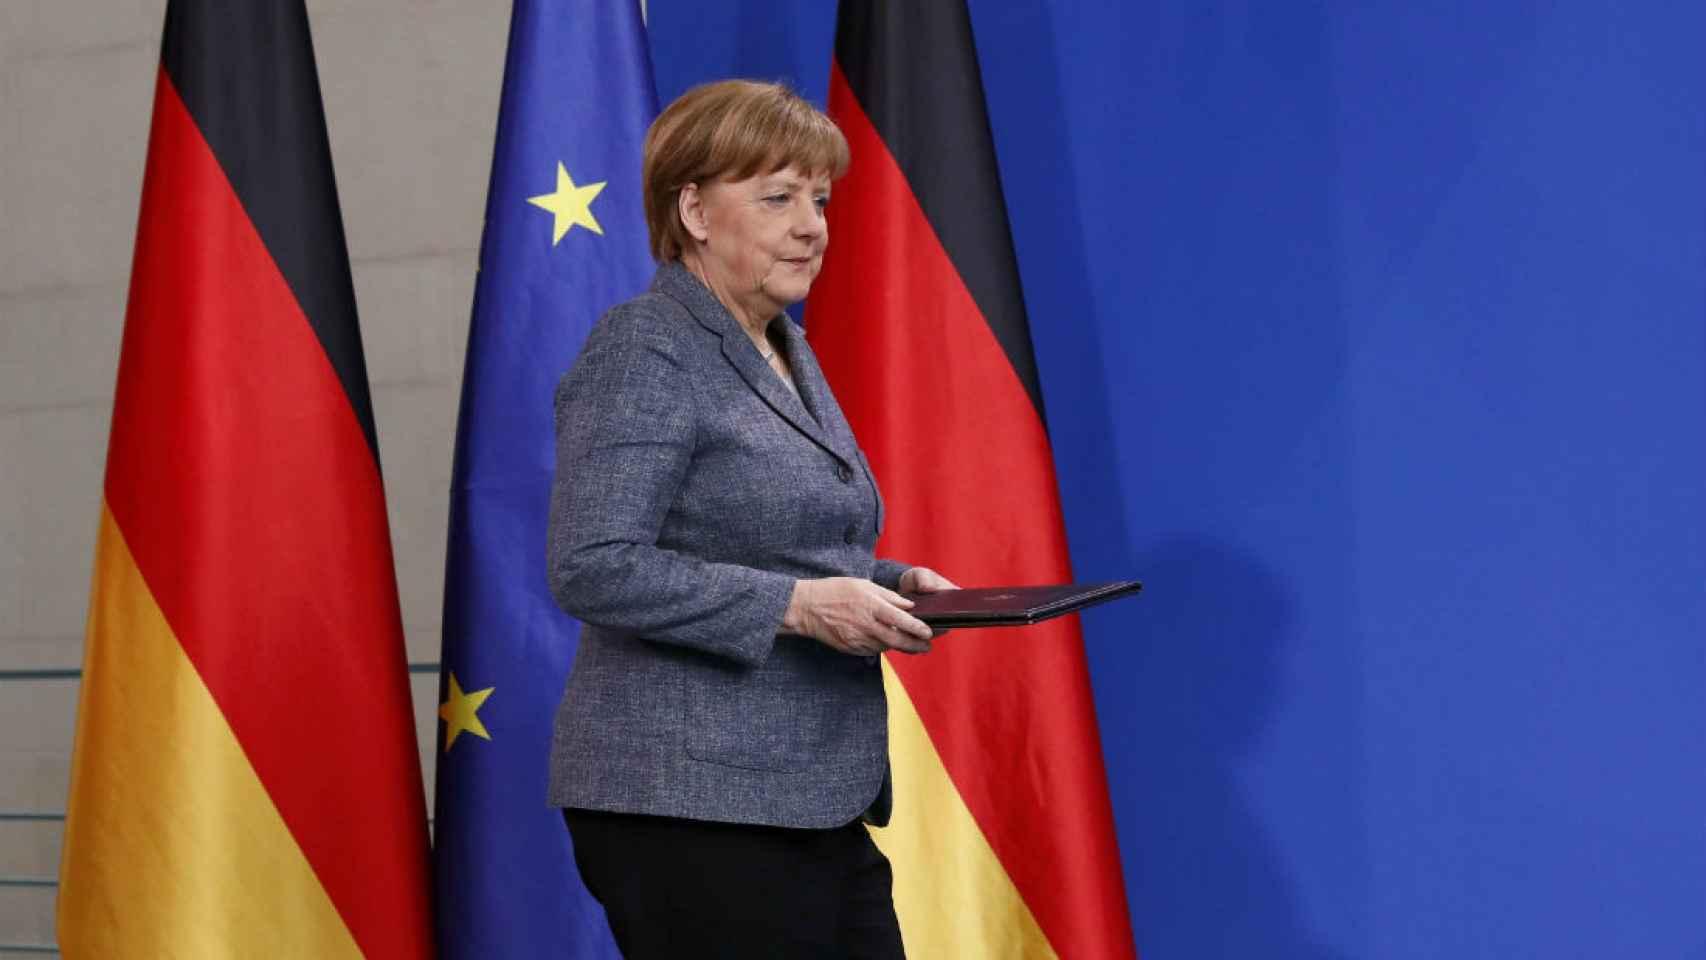 Angela Merkel, canciller de Alemania, el país con mayor peso en la UE.